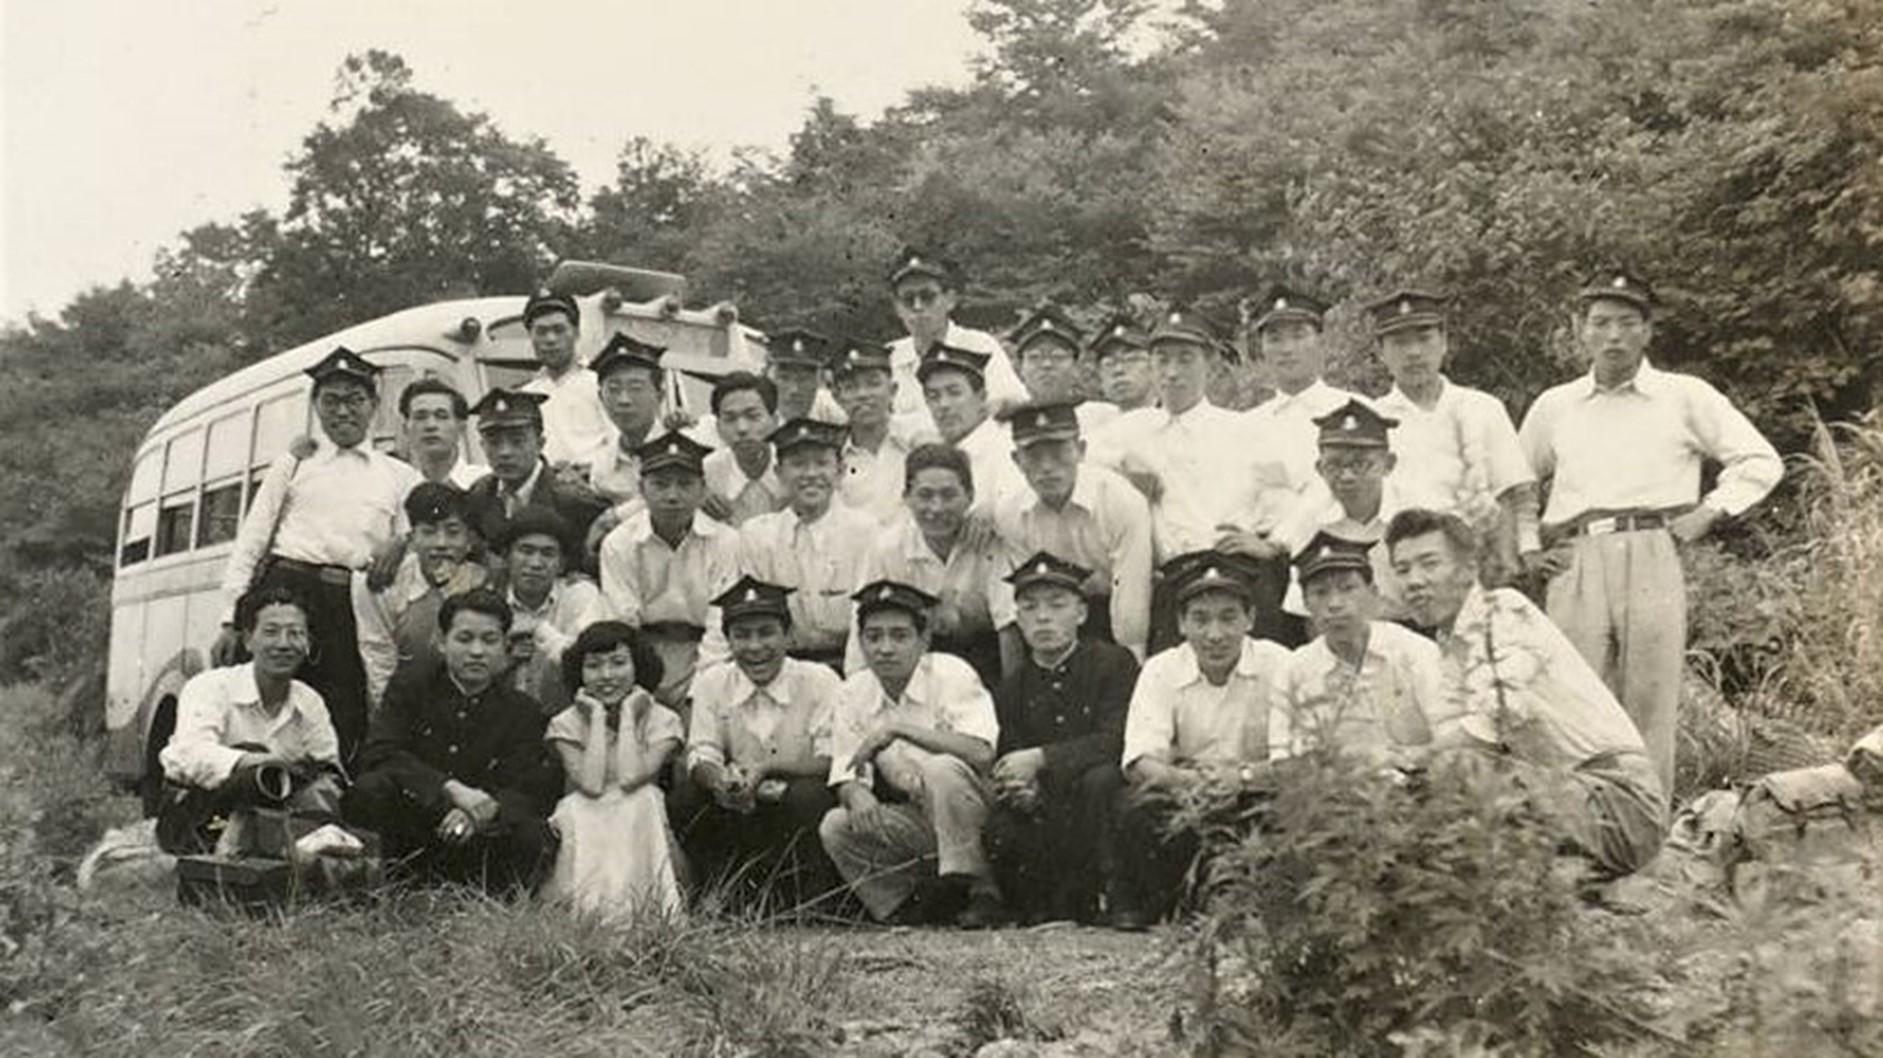 「遙かな友に」が誕生した1951年の夏合宿の地に到着したメンバー